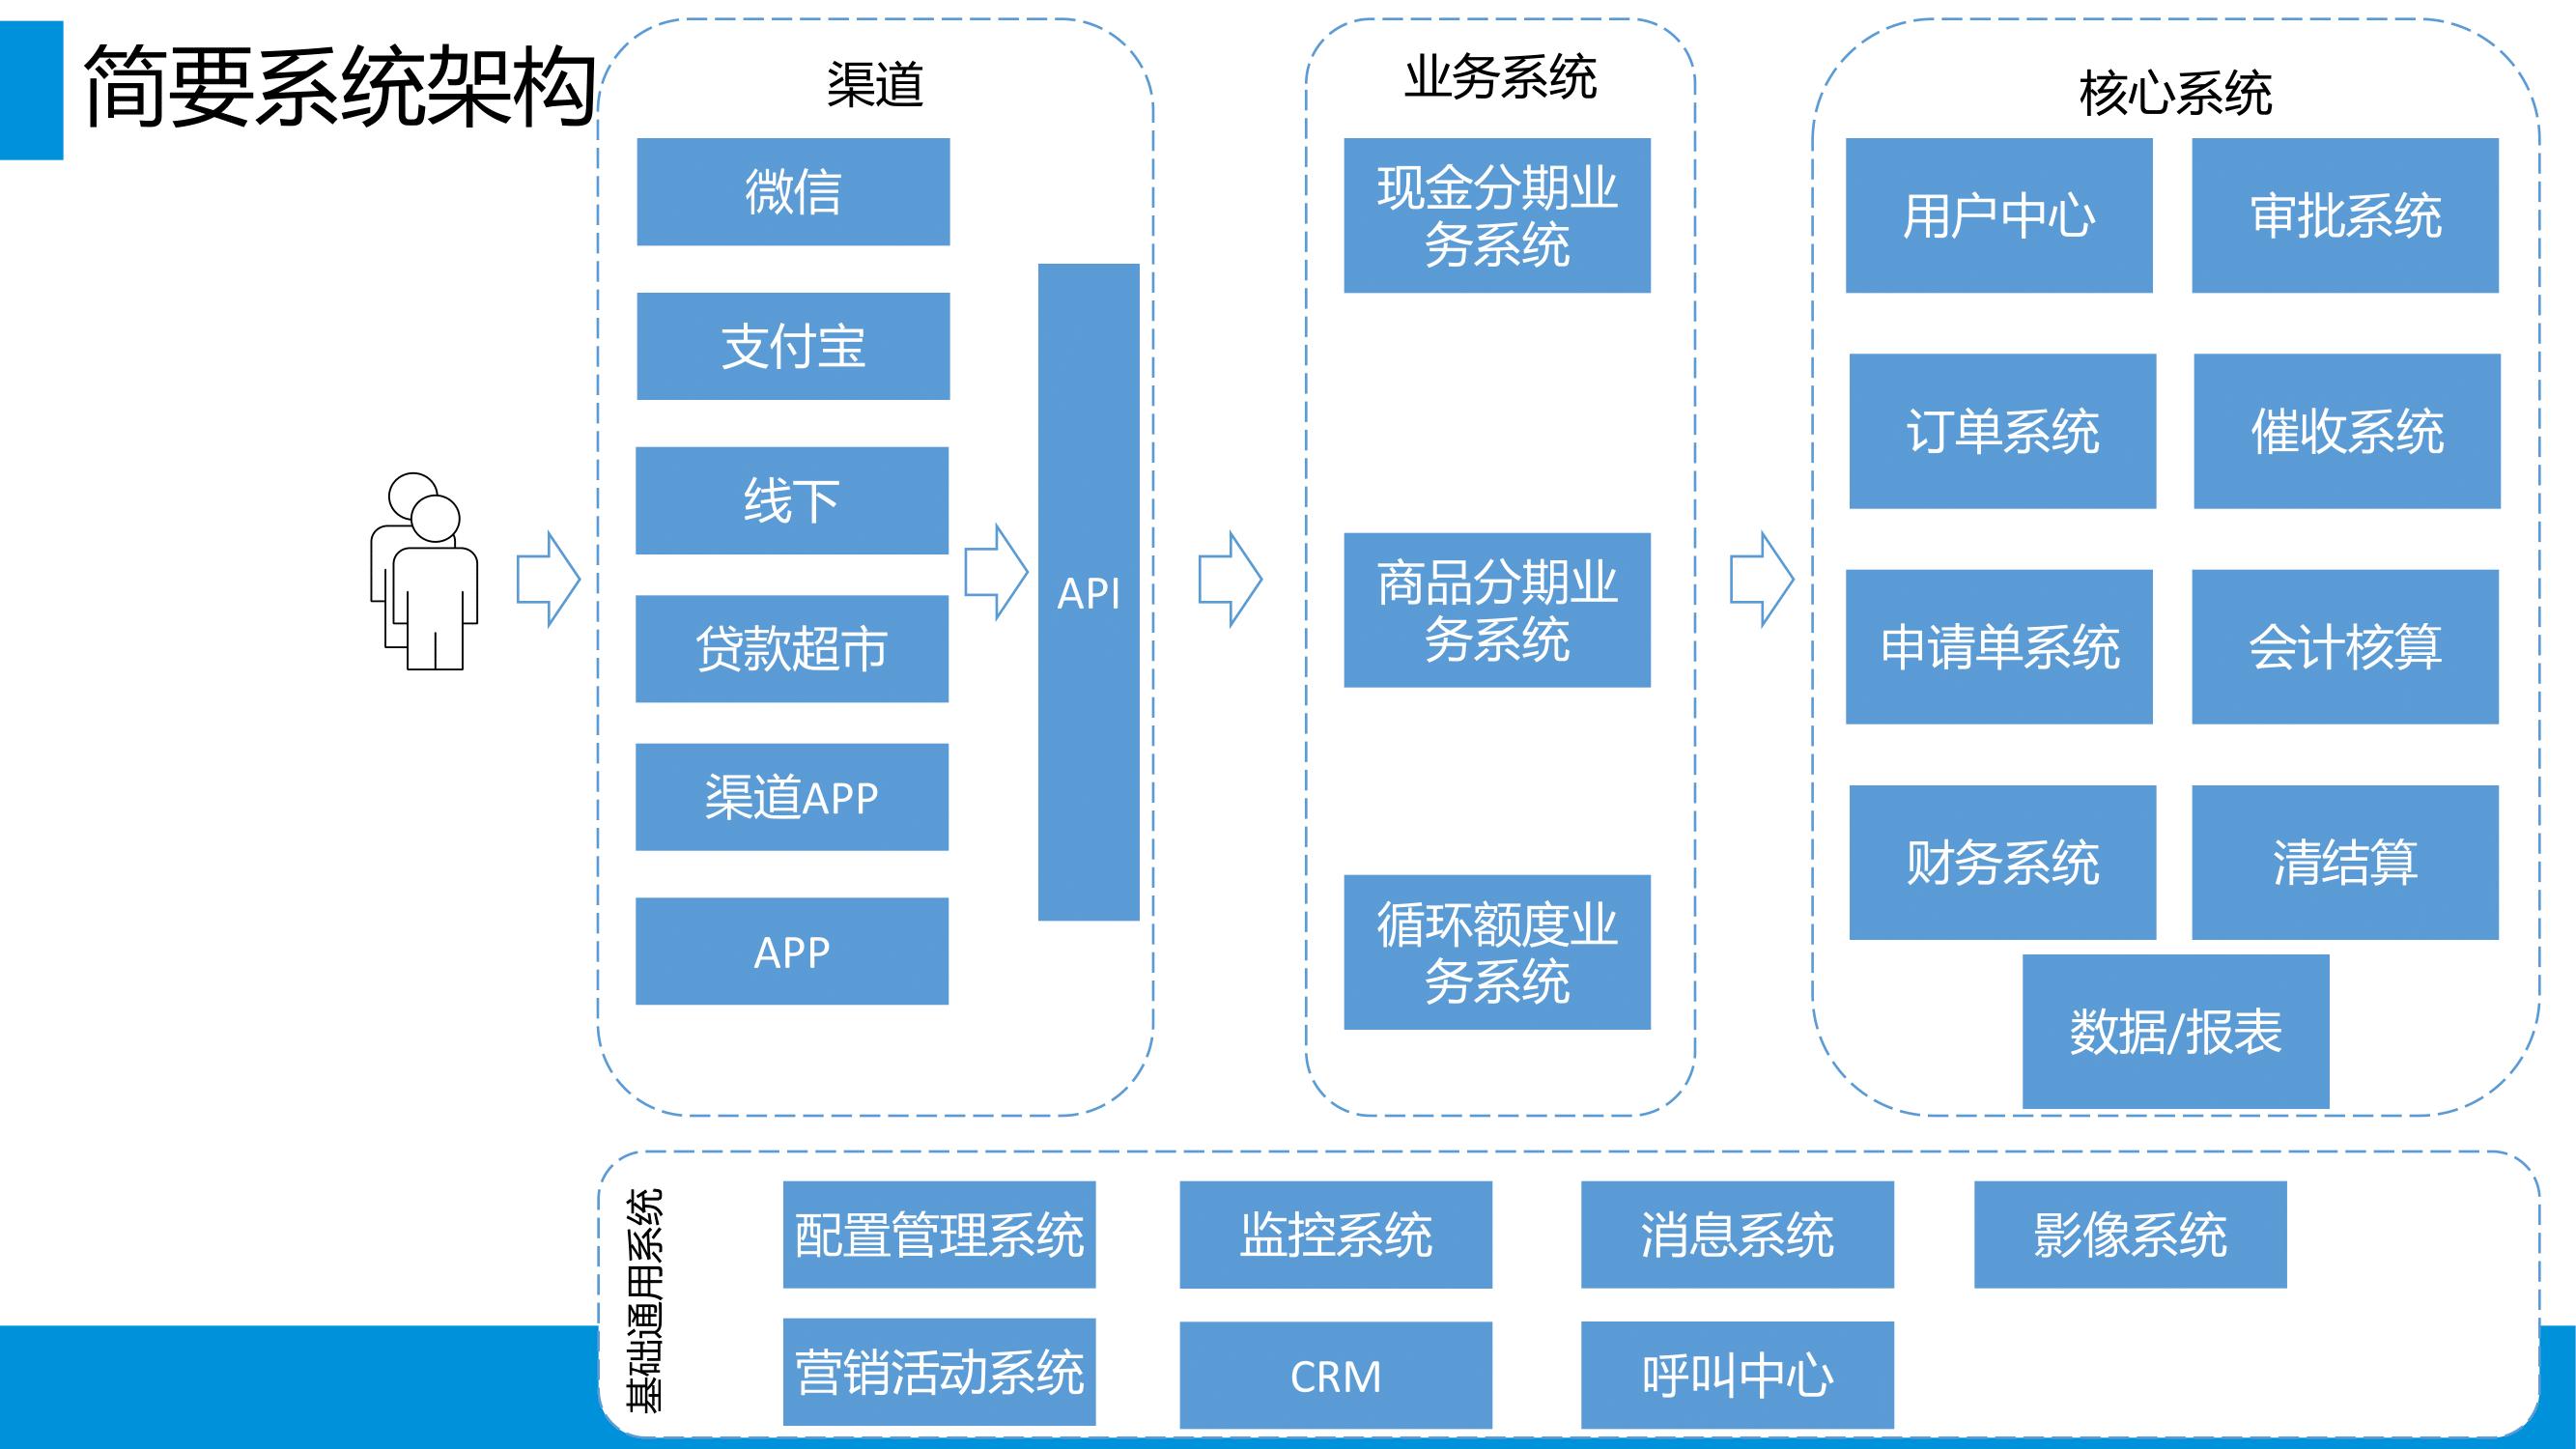 消费金融业务全流程指南_v1.0-099